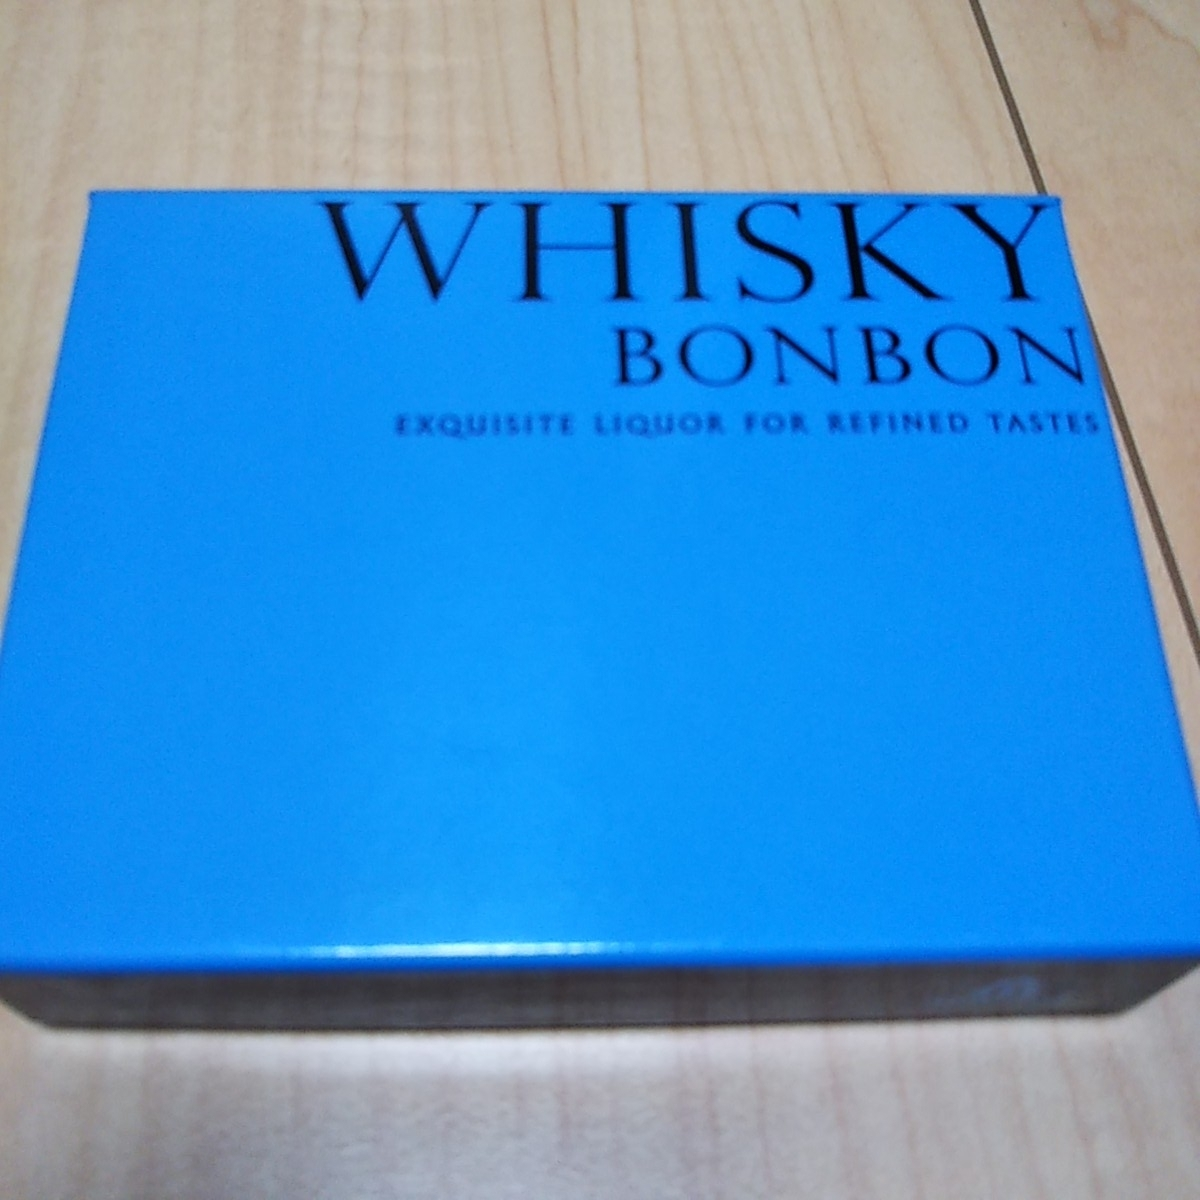 ウイスキー ボンボン モロゾフ